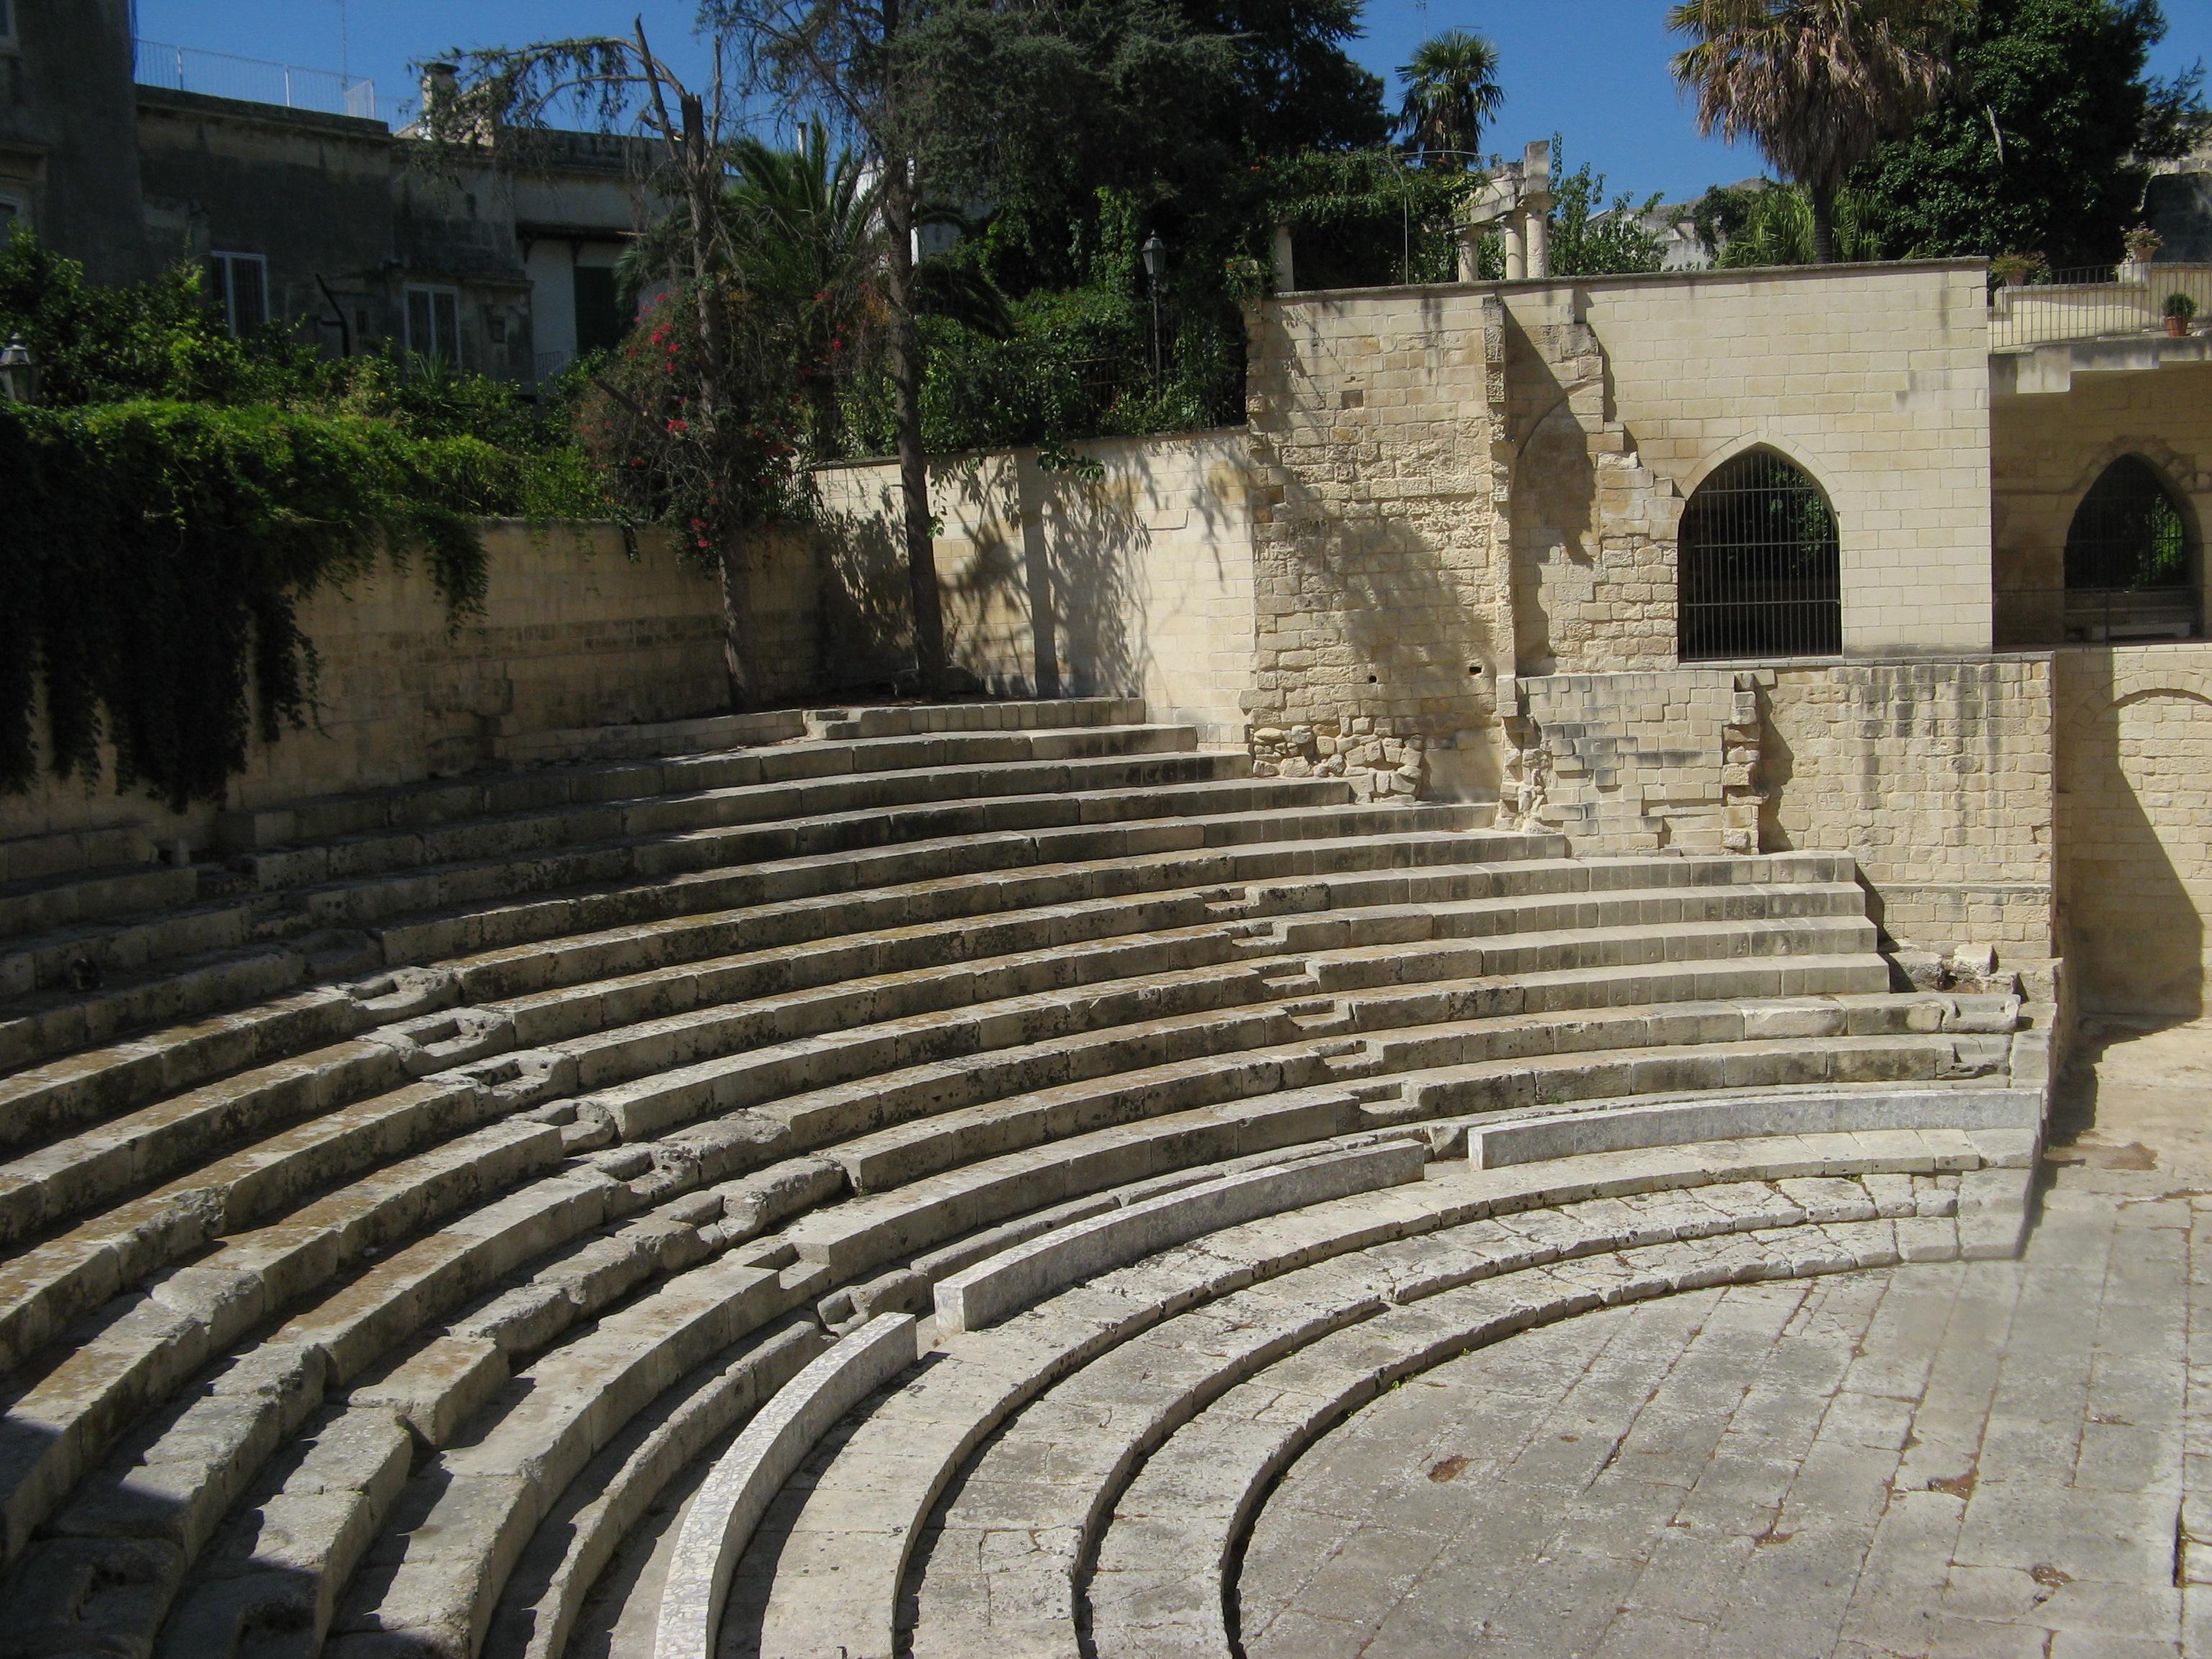 File:Teatro Romano Lecce.jpg - Wikimedia Commons